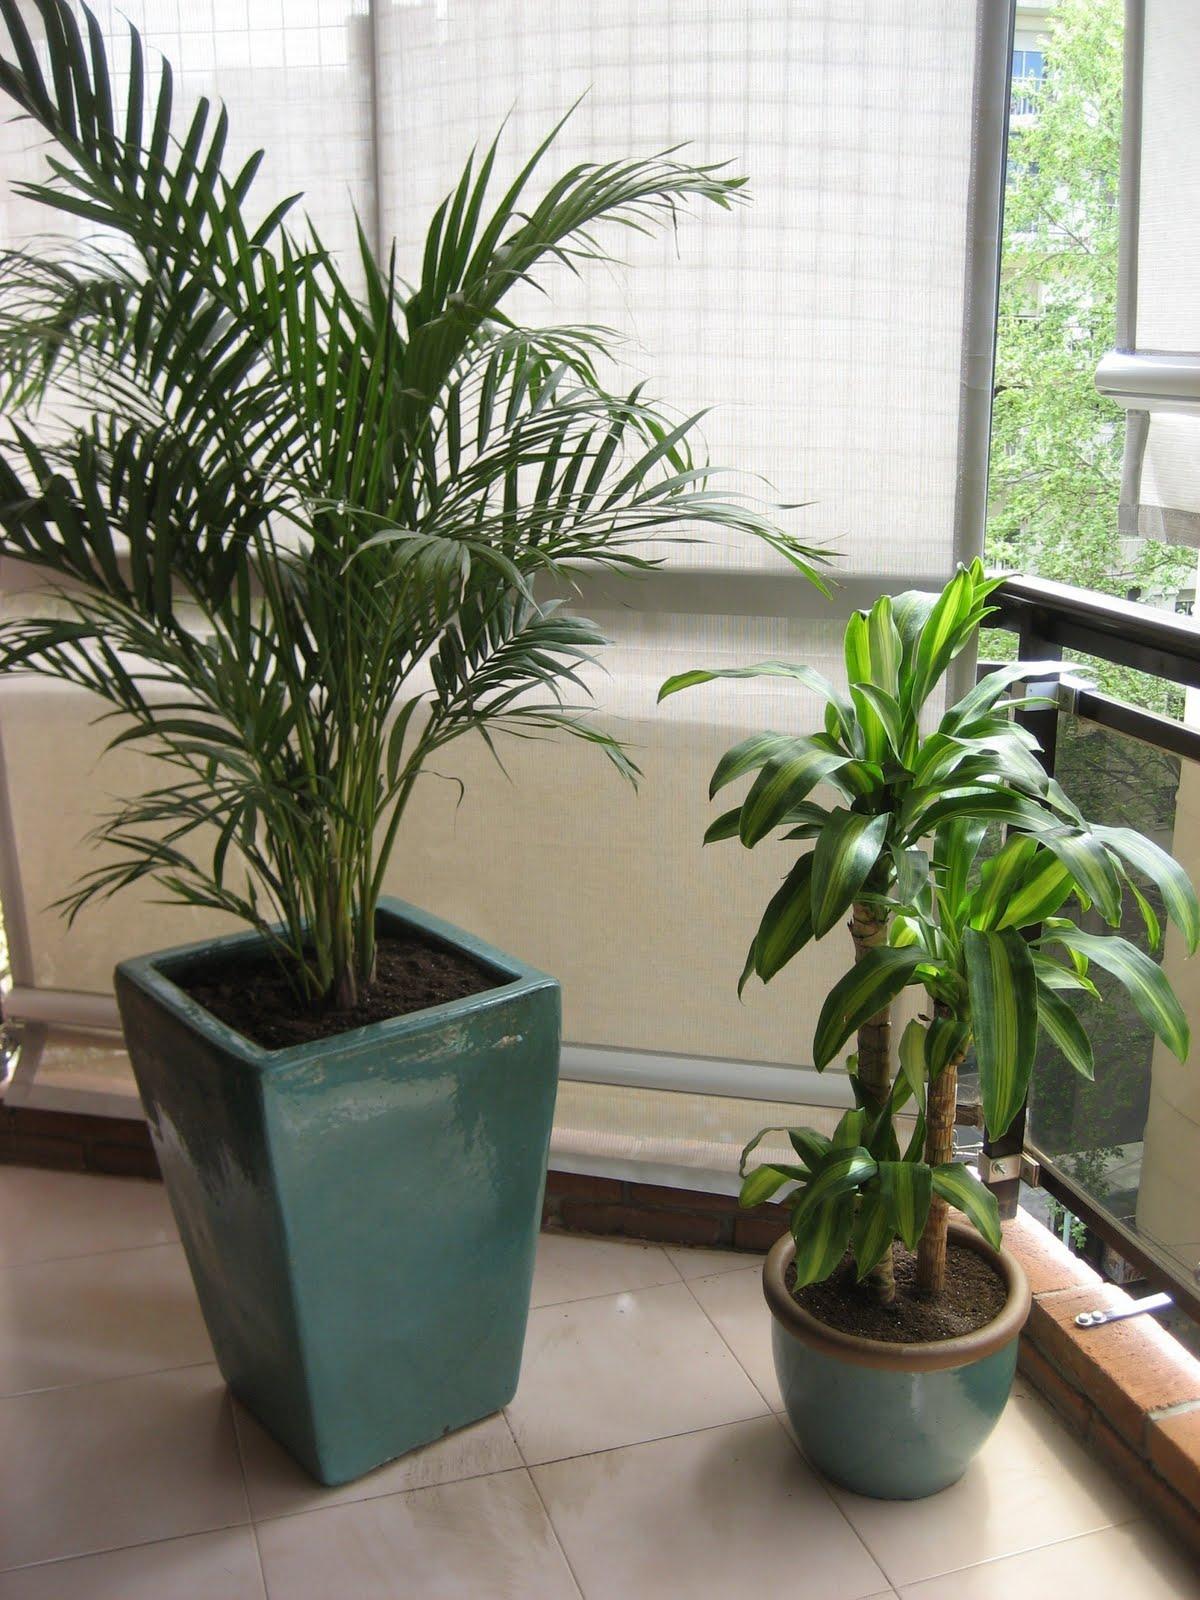 Planificaci n de espacios verdes arreglos florales for Plantas artificiales para interiores